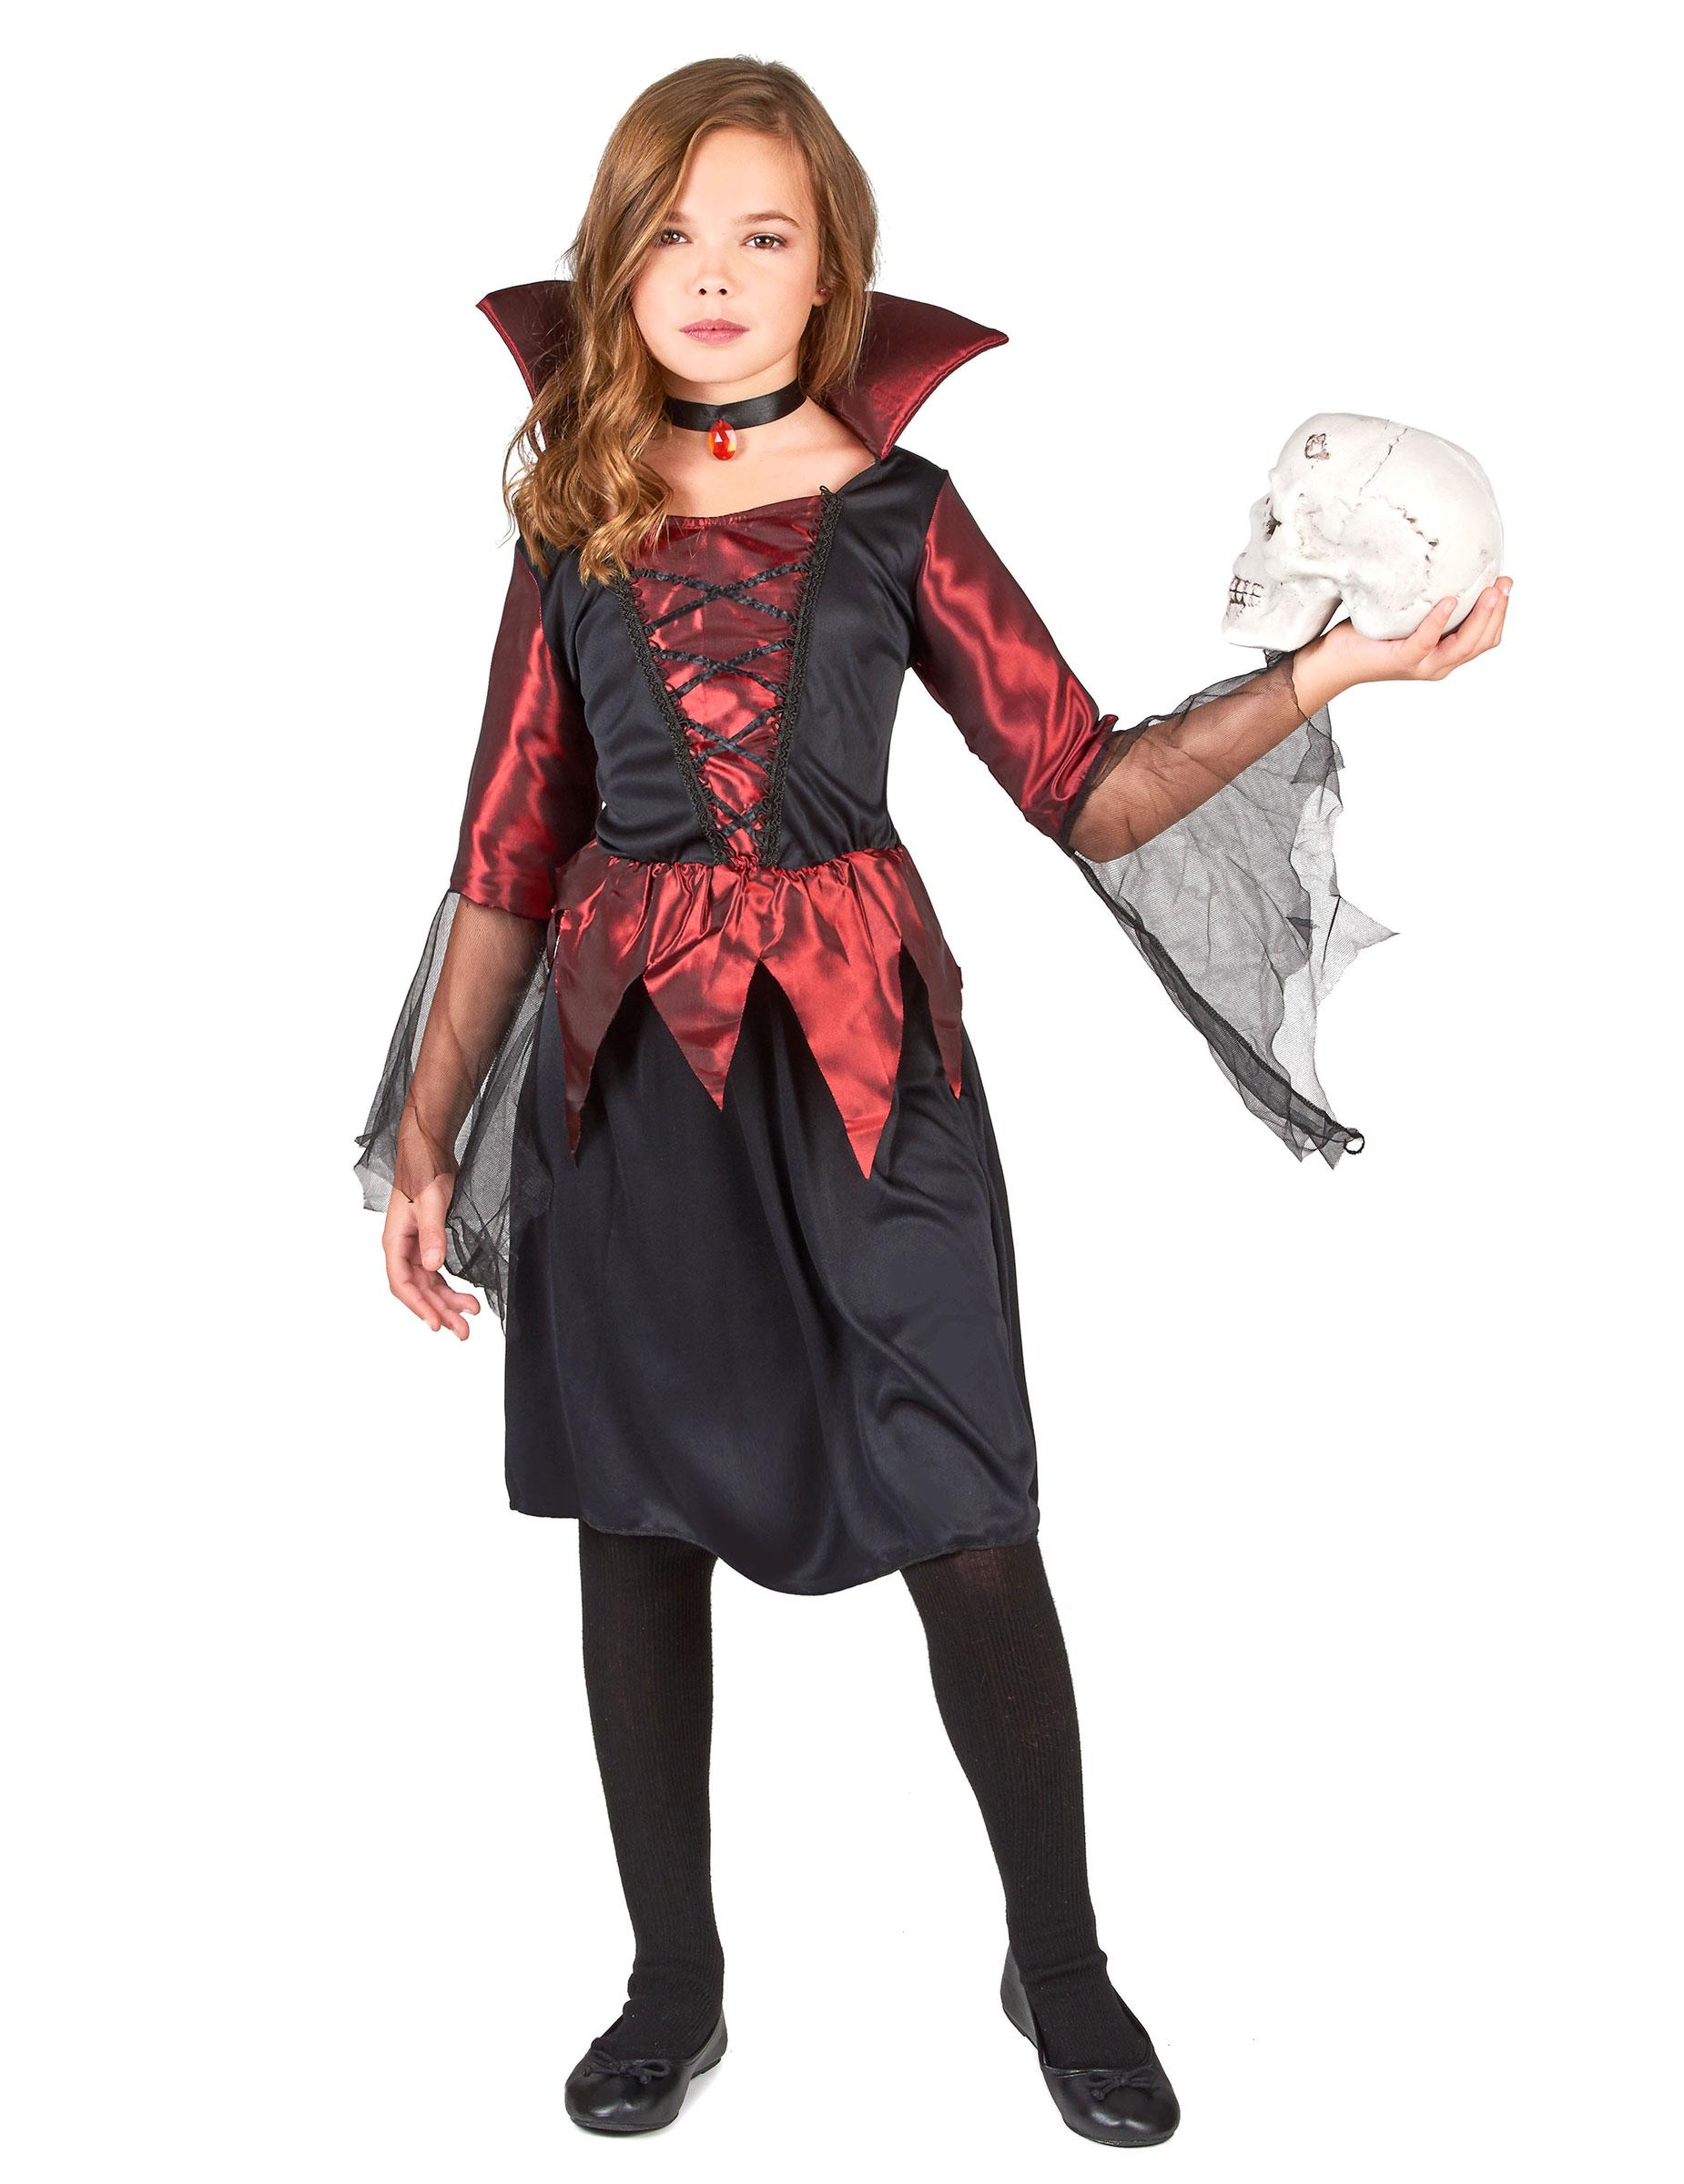 Costume da vampiro per bambina per Halloween su VegaooParty e70b2b5d84a0